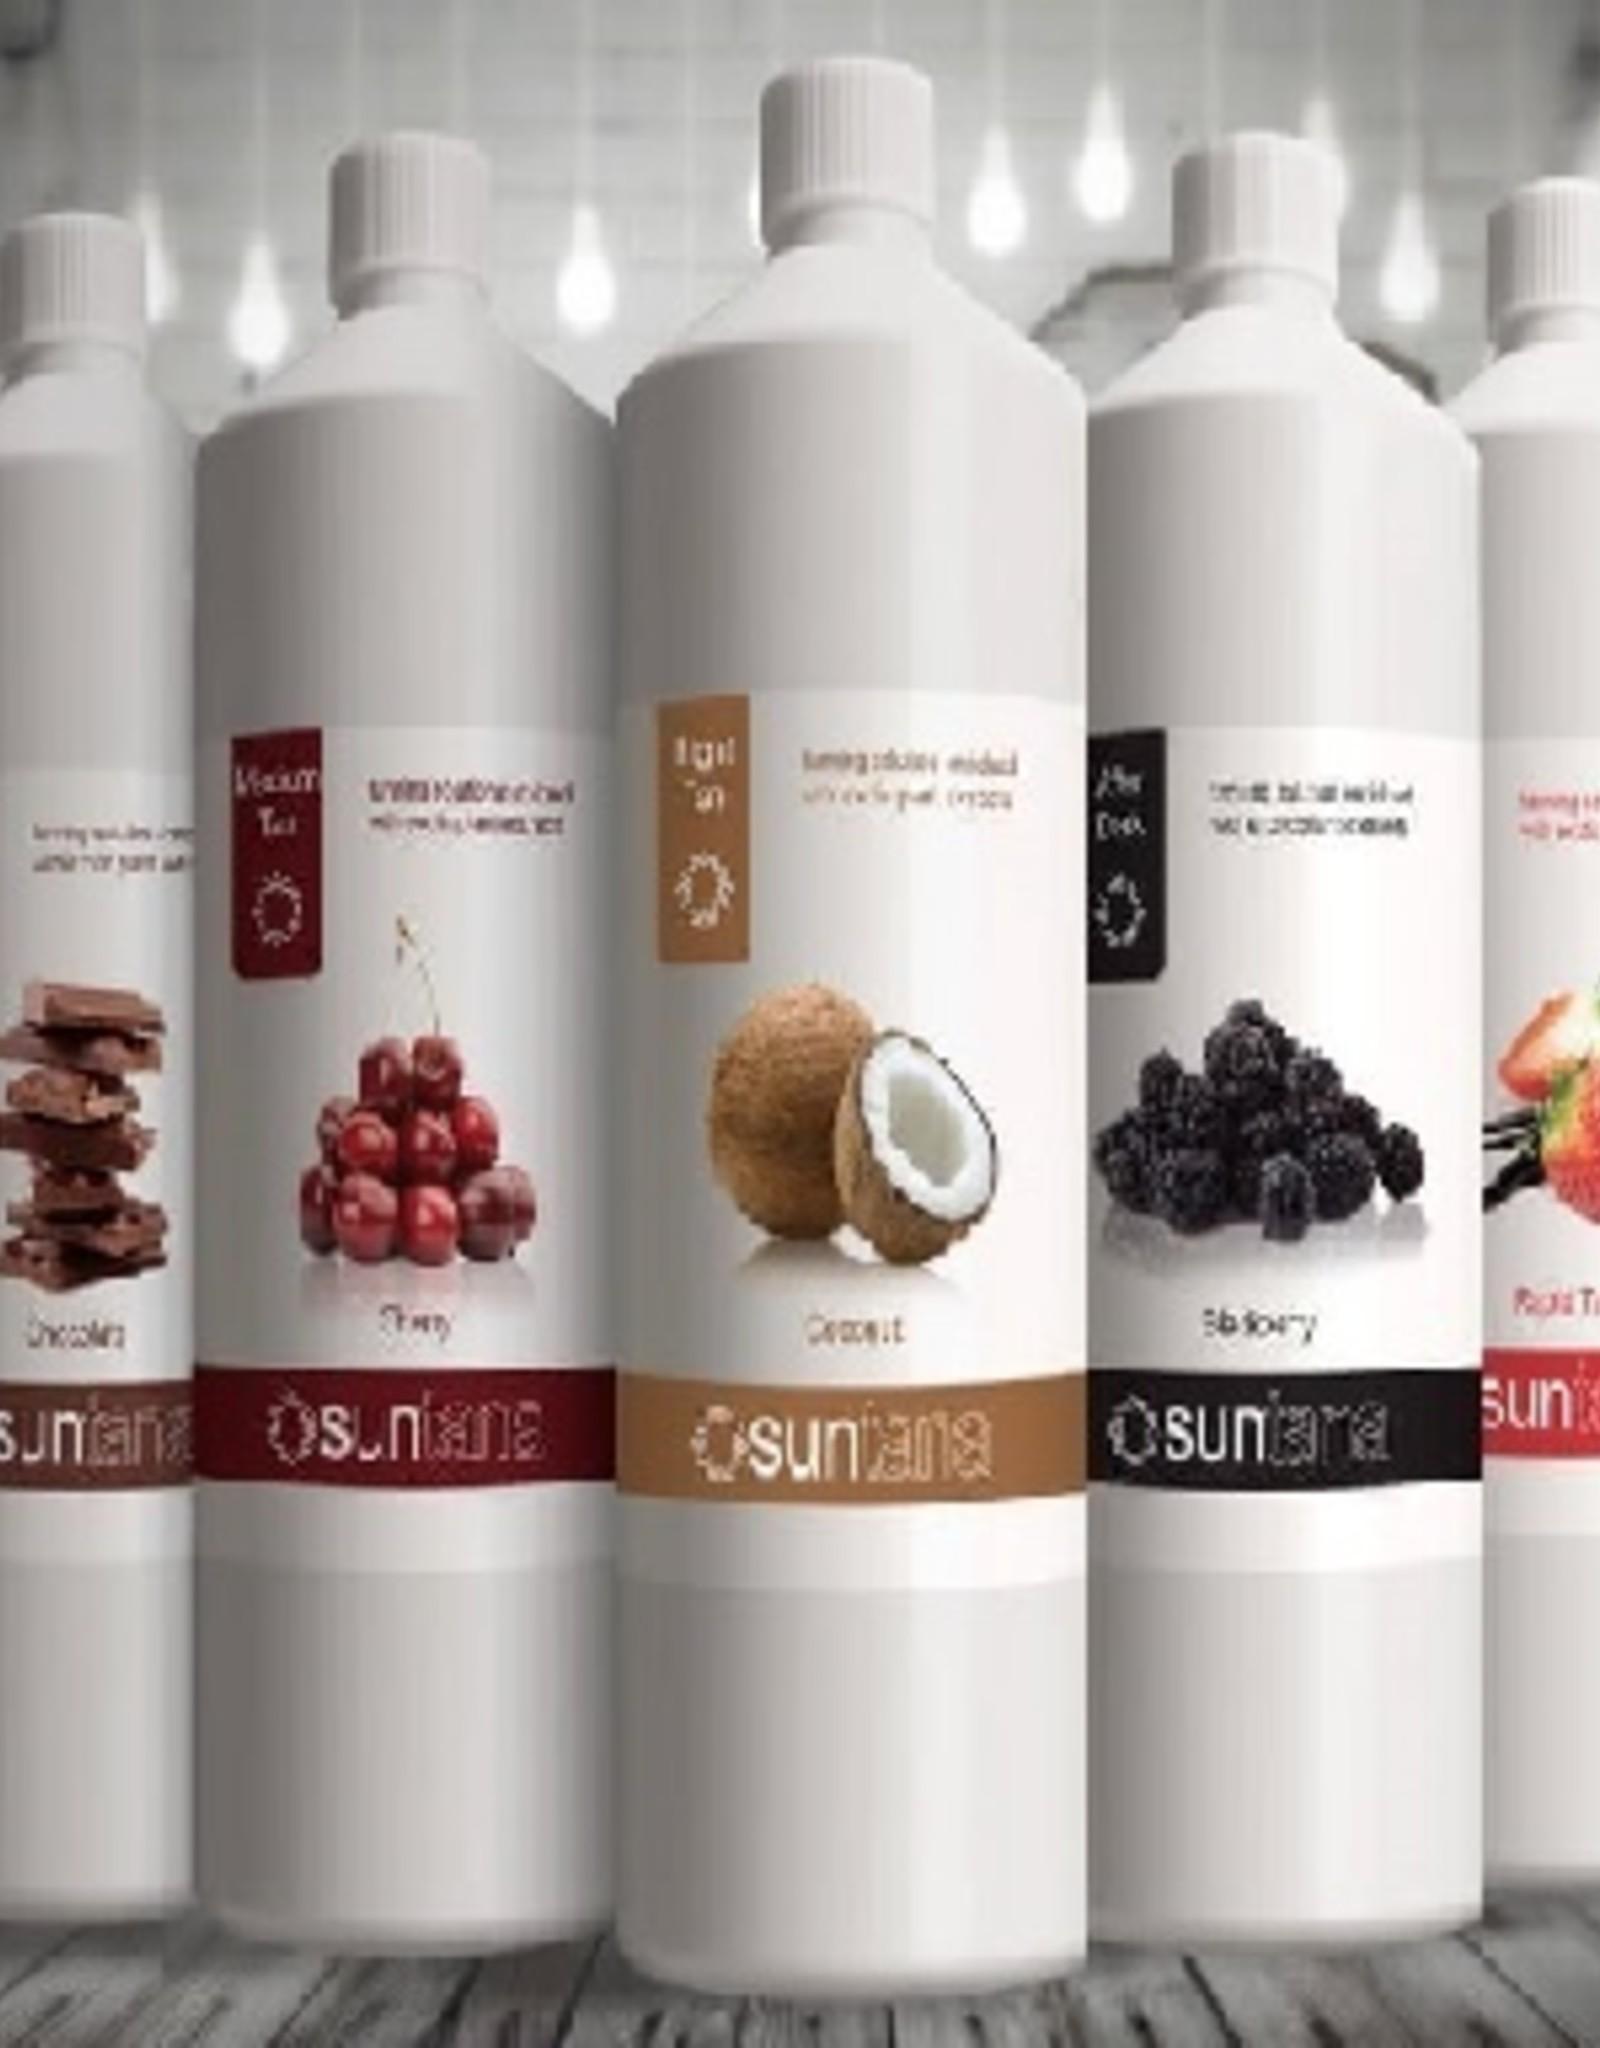 Suntana Suntana Famous Five - 5X250ml pakket